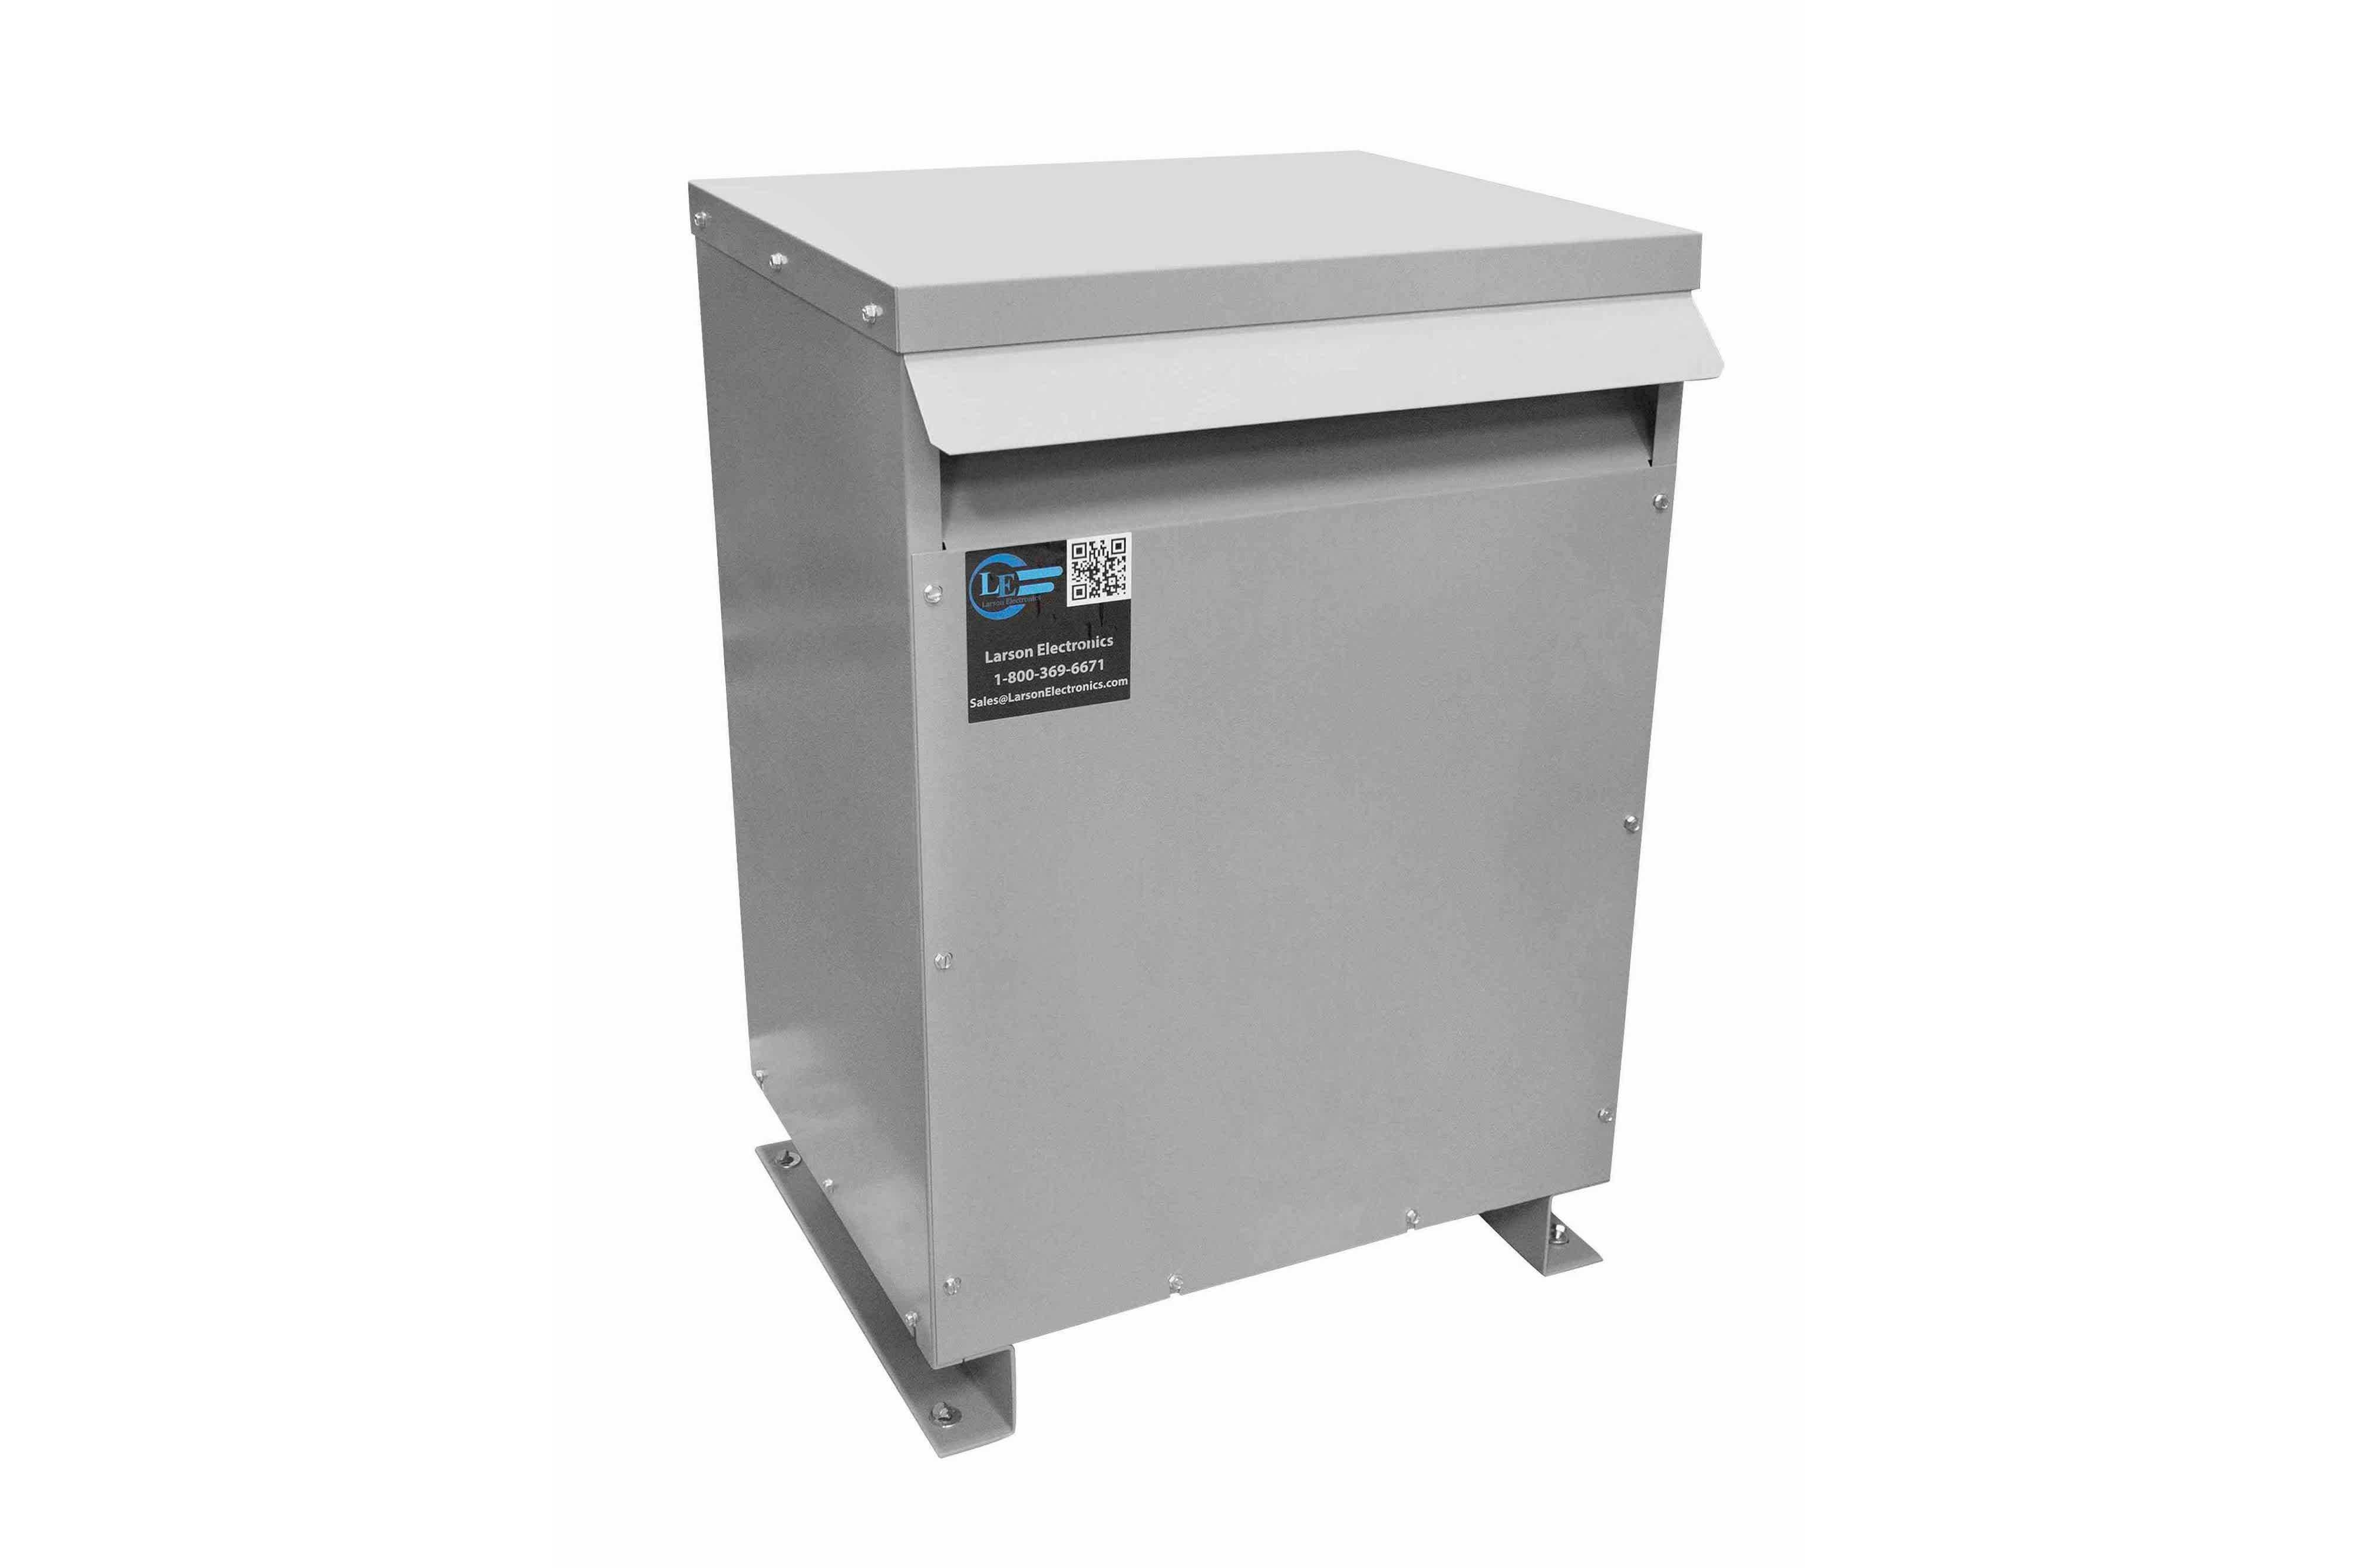 400 kVA 3PH Isolation Transformer, 400V Delta Primary, 600V Delta Secondary, N3R, Ventilated, 60 Hz